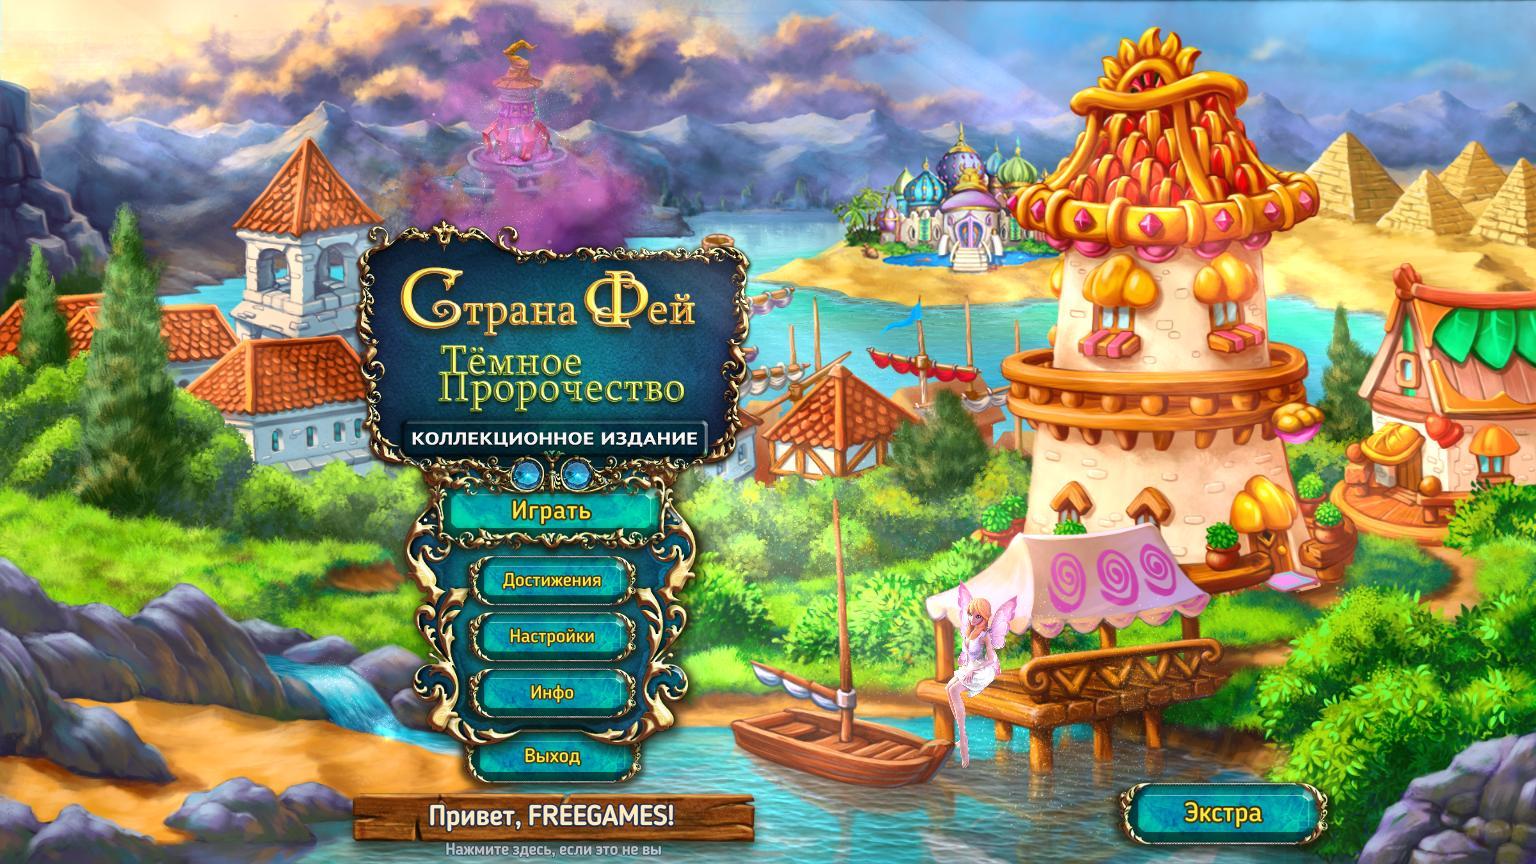 Страна Фей 3: Тёмное Пророчество. Коллекционное издание | Dreamland Solitaire 3: Dark Prophecy CE (Rus)